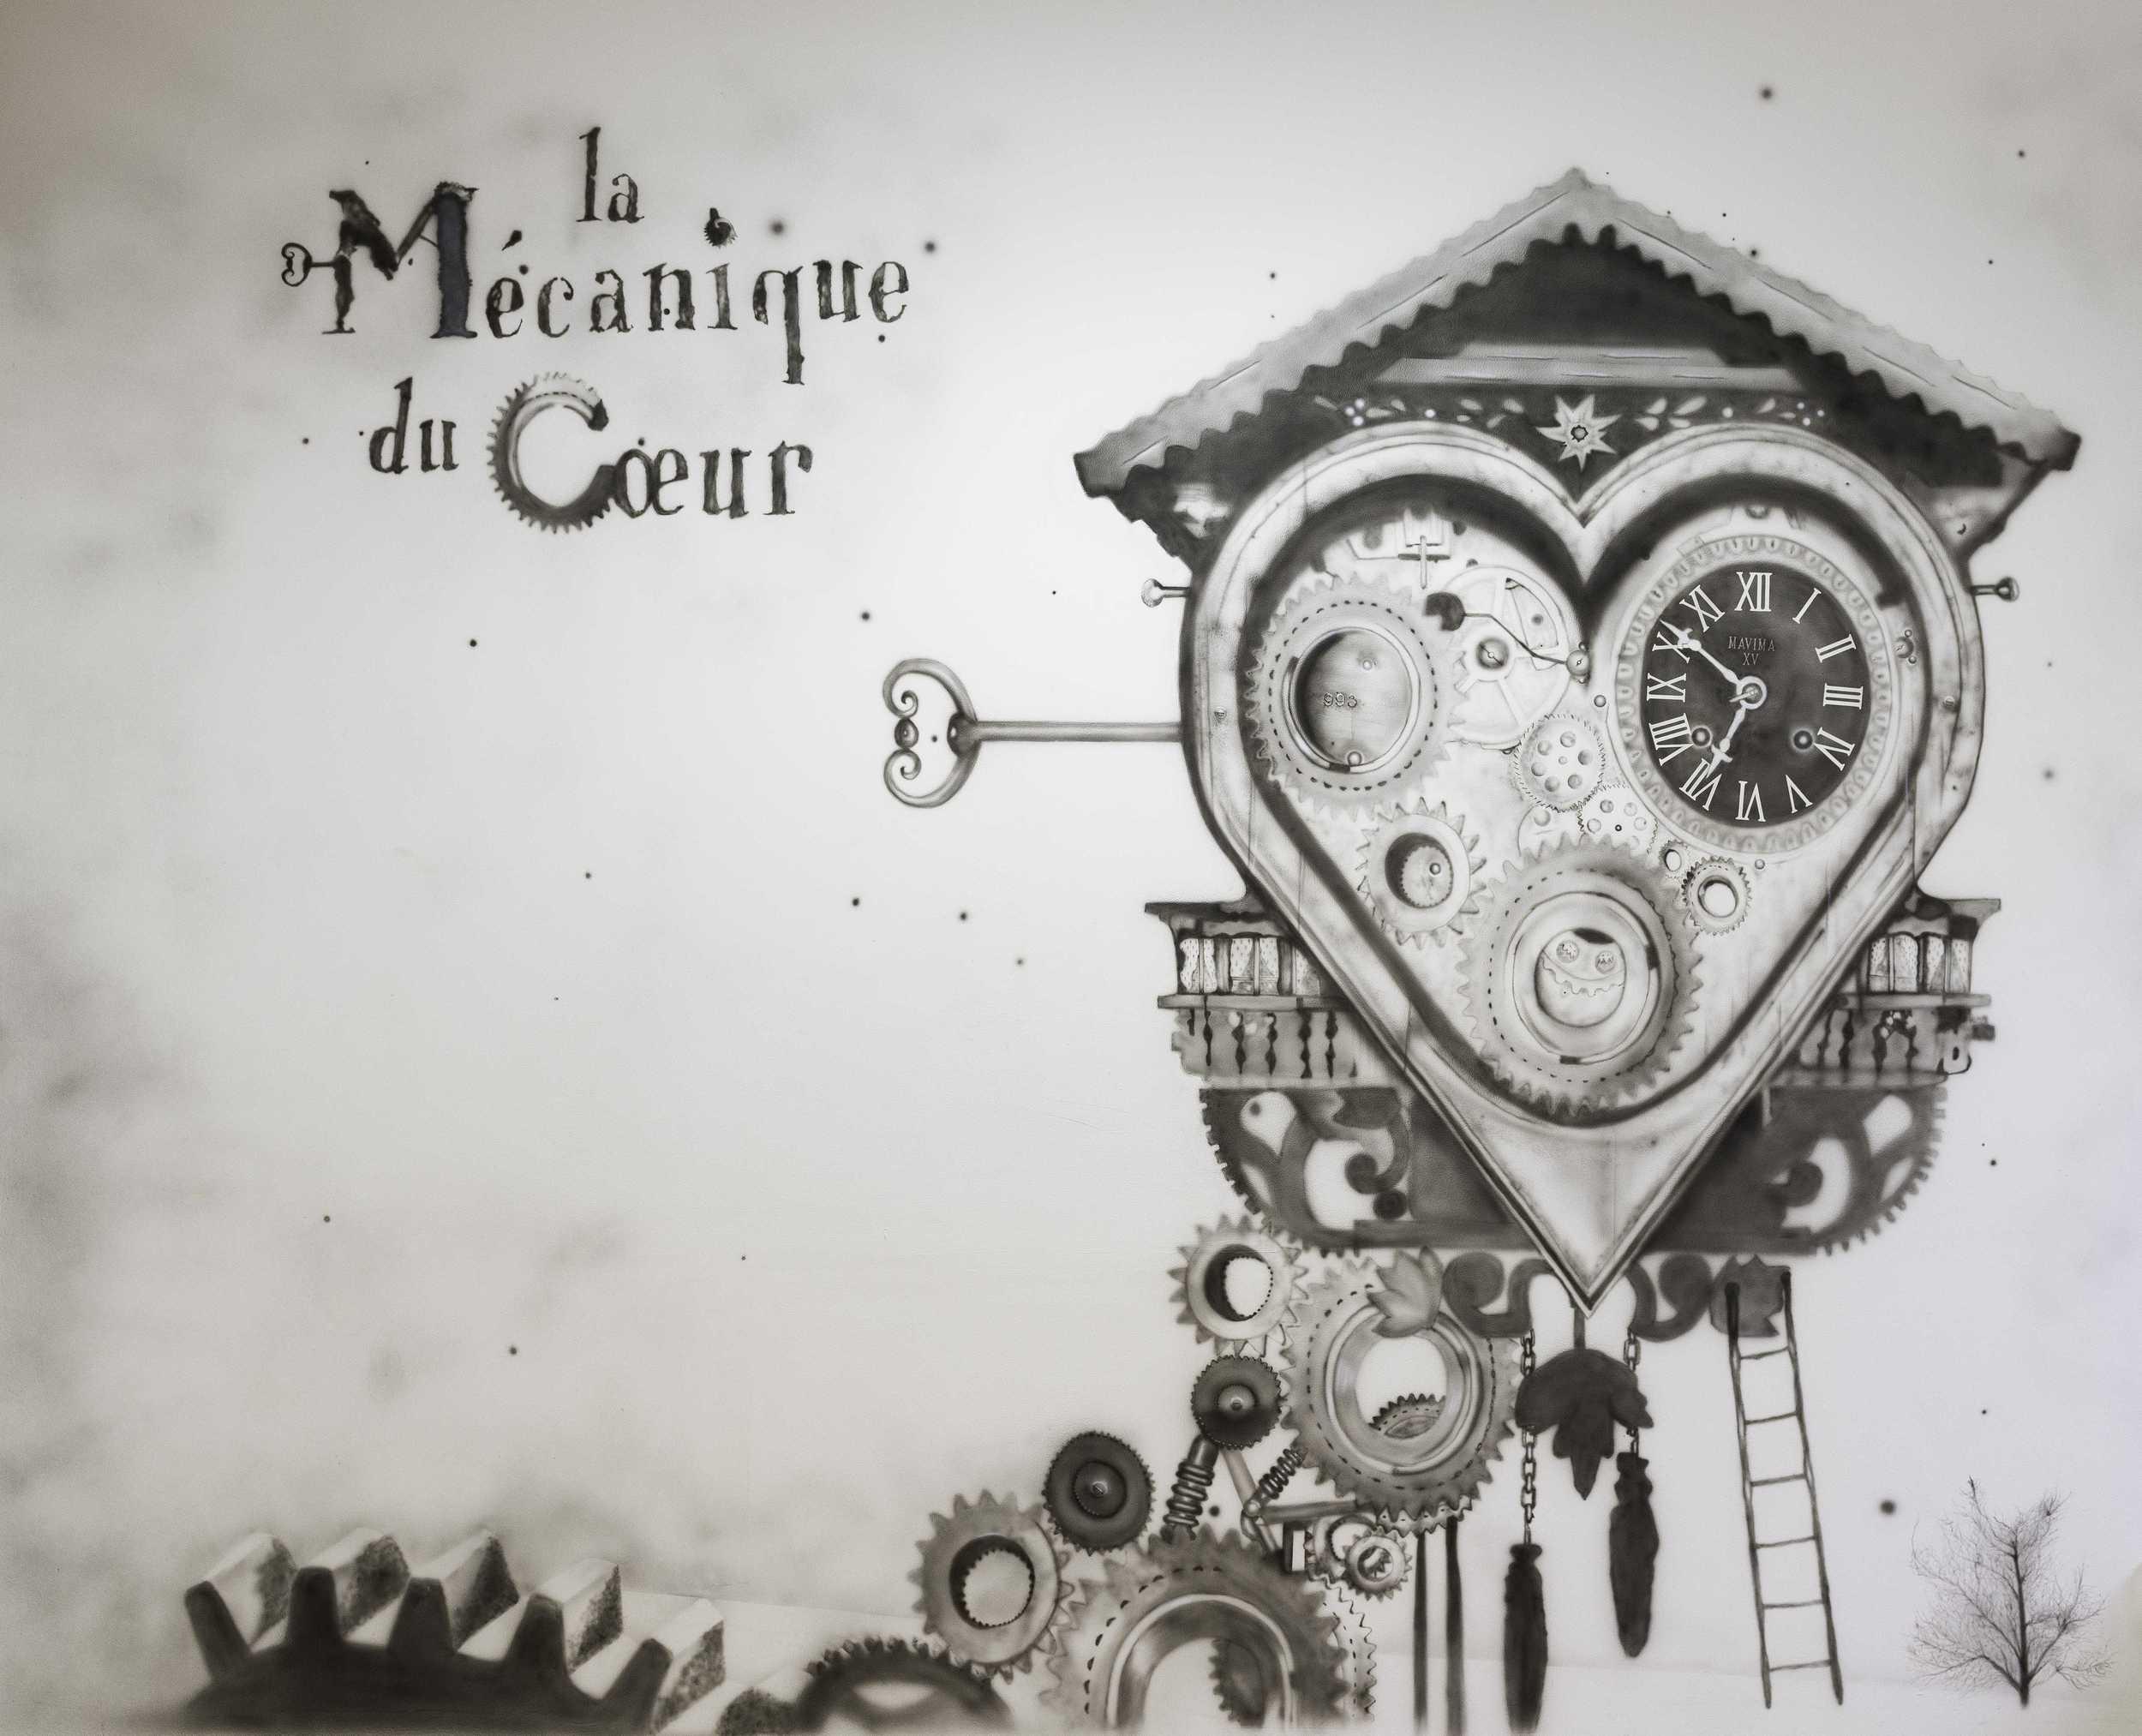 Mura la Mecanique du Coeur